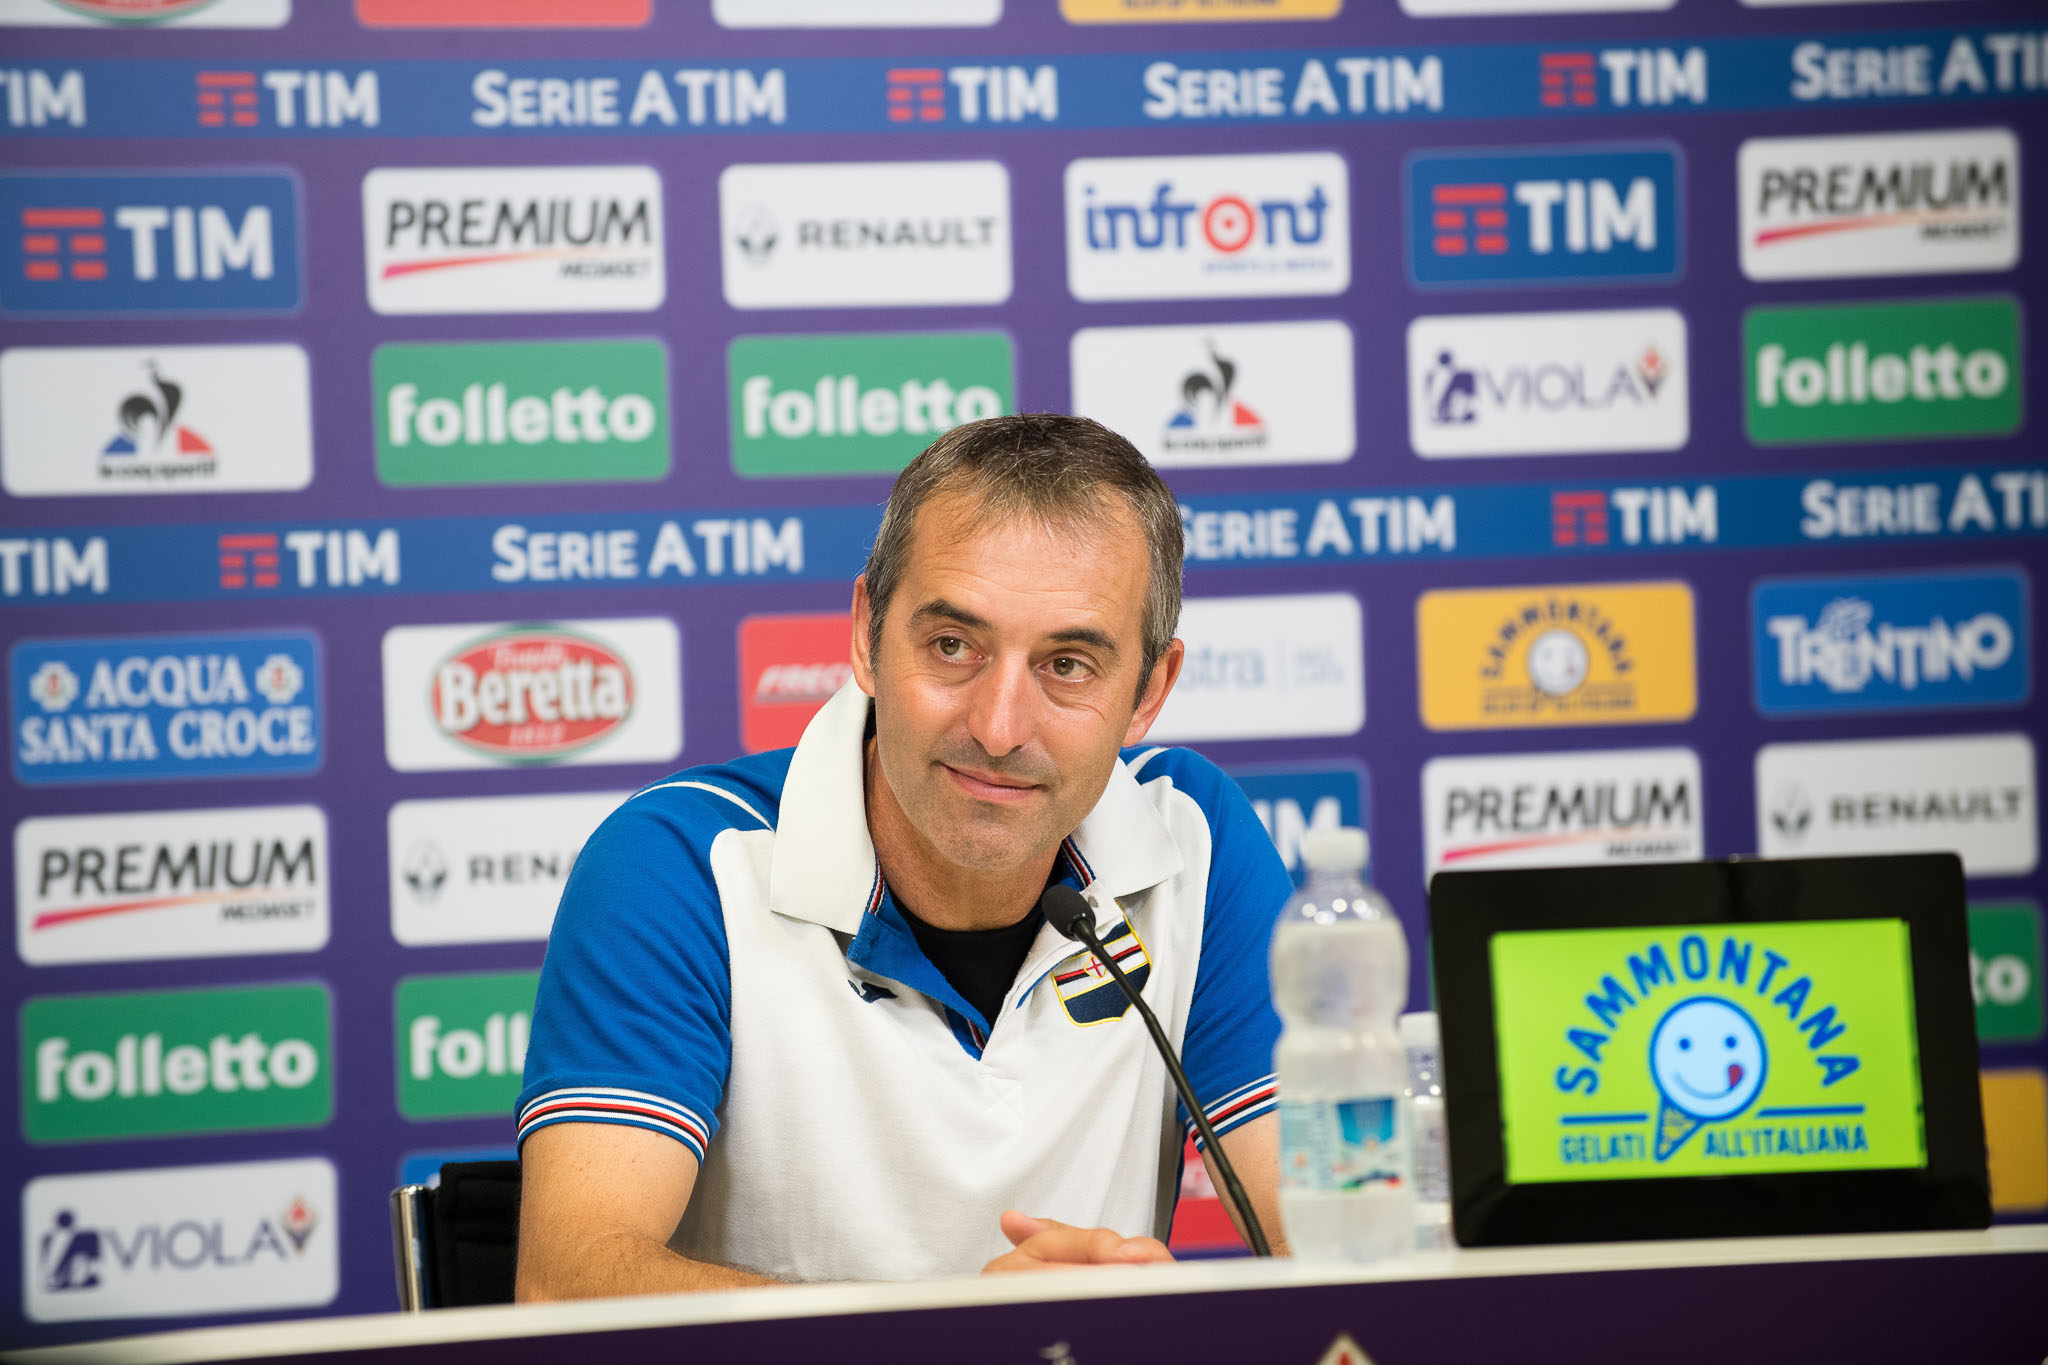 Coppa Italia: stasera Samp-Pescara, chi vince affronterà la Fiorentina il prossimo 13 dicembre